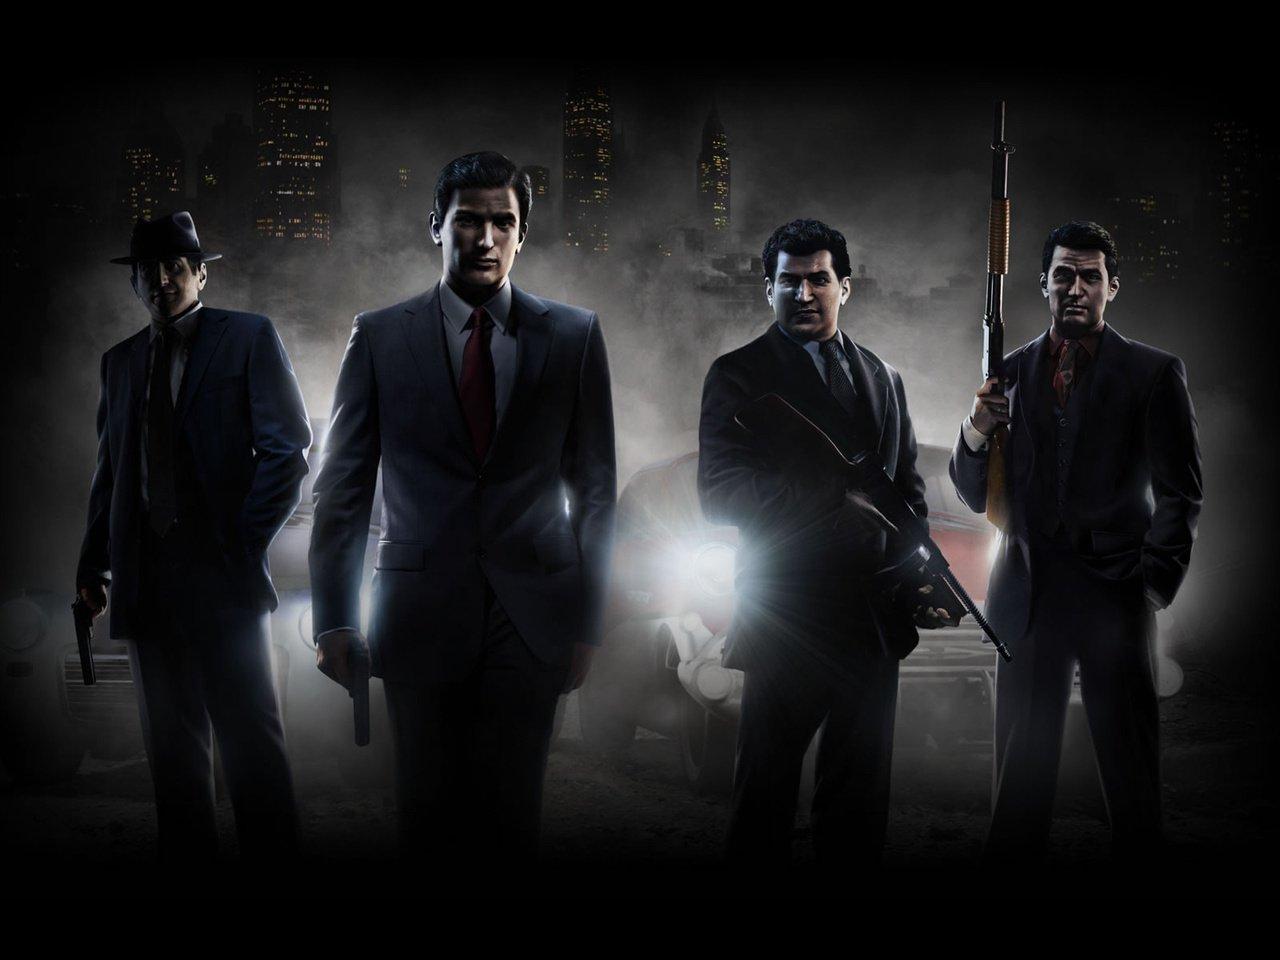 Картинки из игры мафии